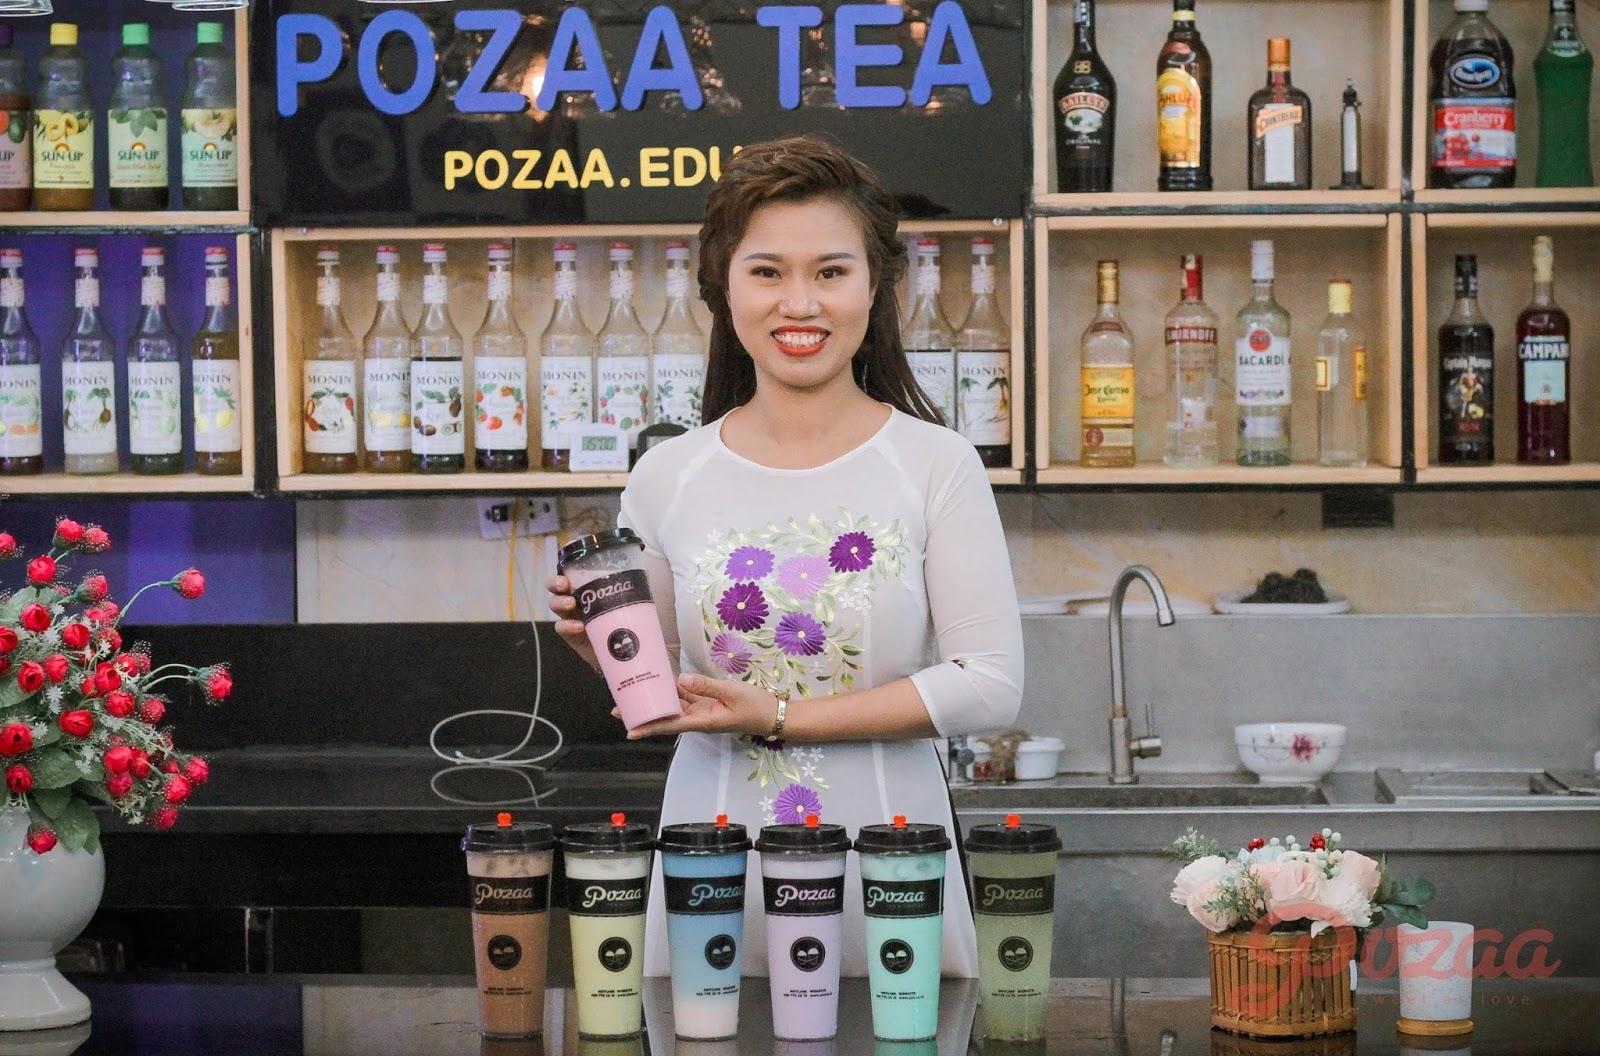 Bà chủ khởi nghiệp với 2 thương hiệu trà sữa vì muốn loại bỏ thực phẩm bẩn